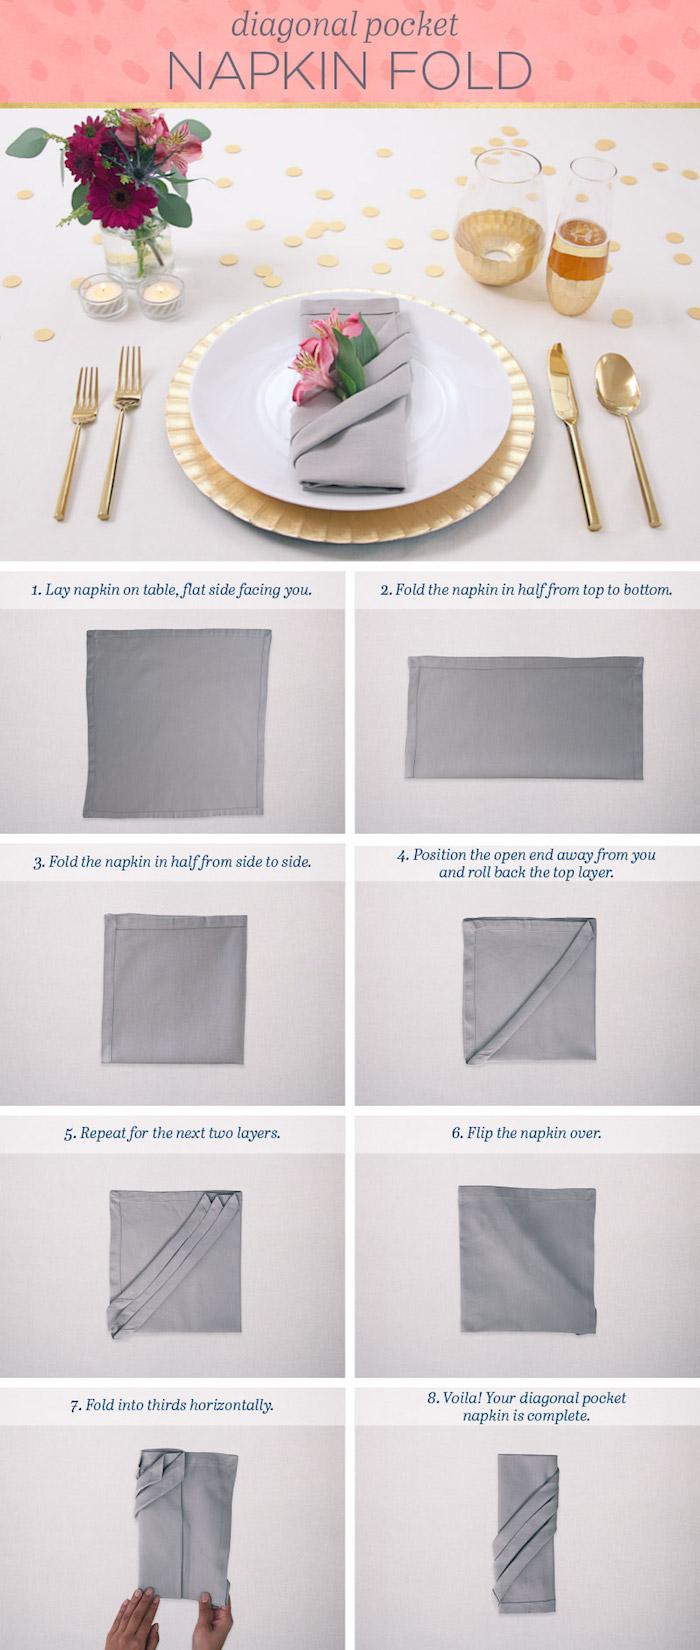 guide avec instructions pour apprendre origami, pliage de serviette en tissu gris, couverts de table dorés